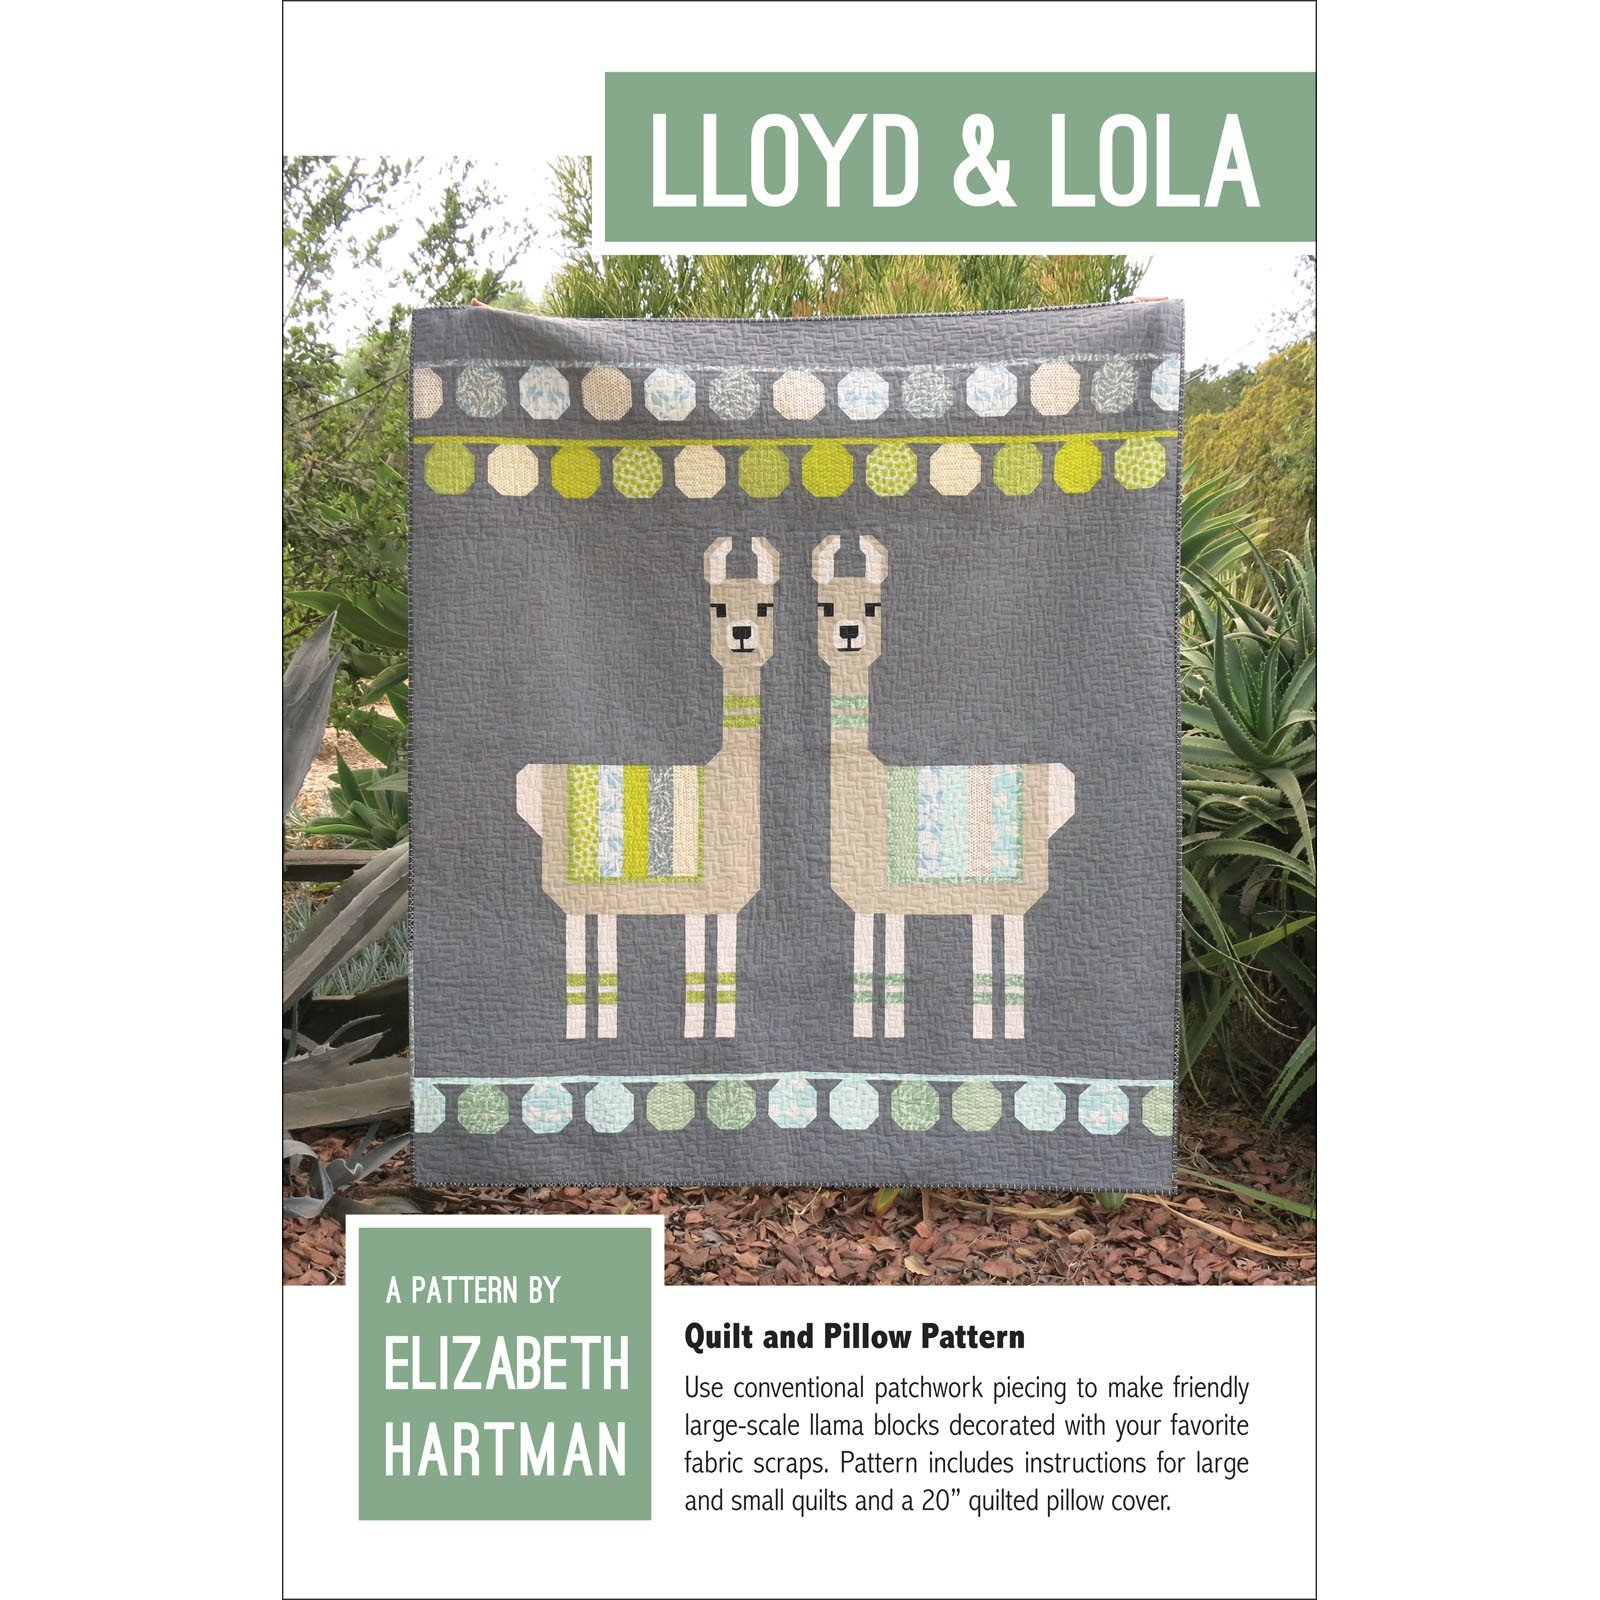 Lloyd & Lola Quilt Pattern - Elizabeth Hartman